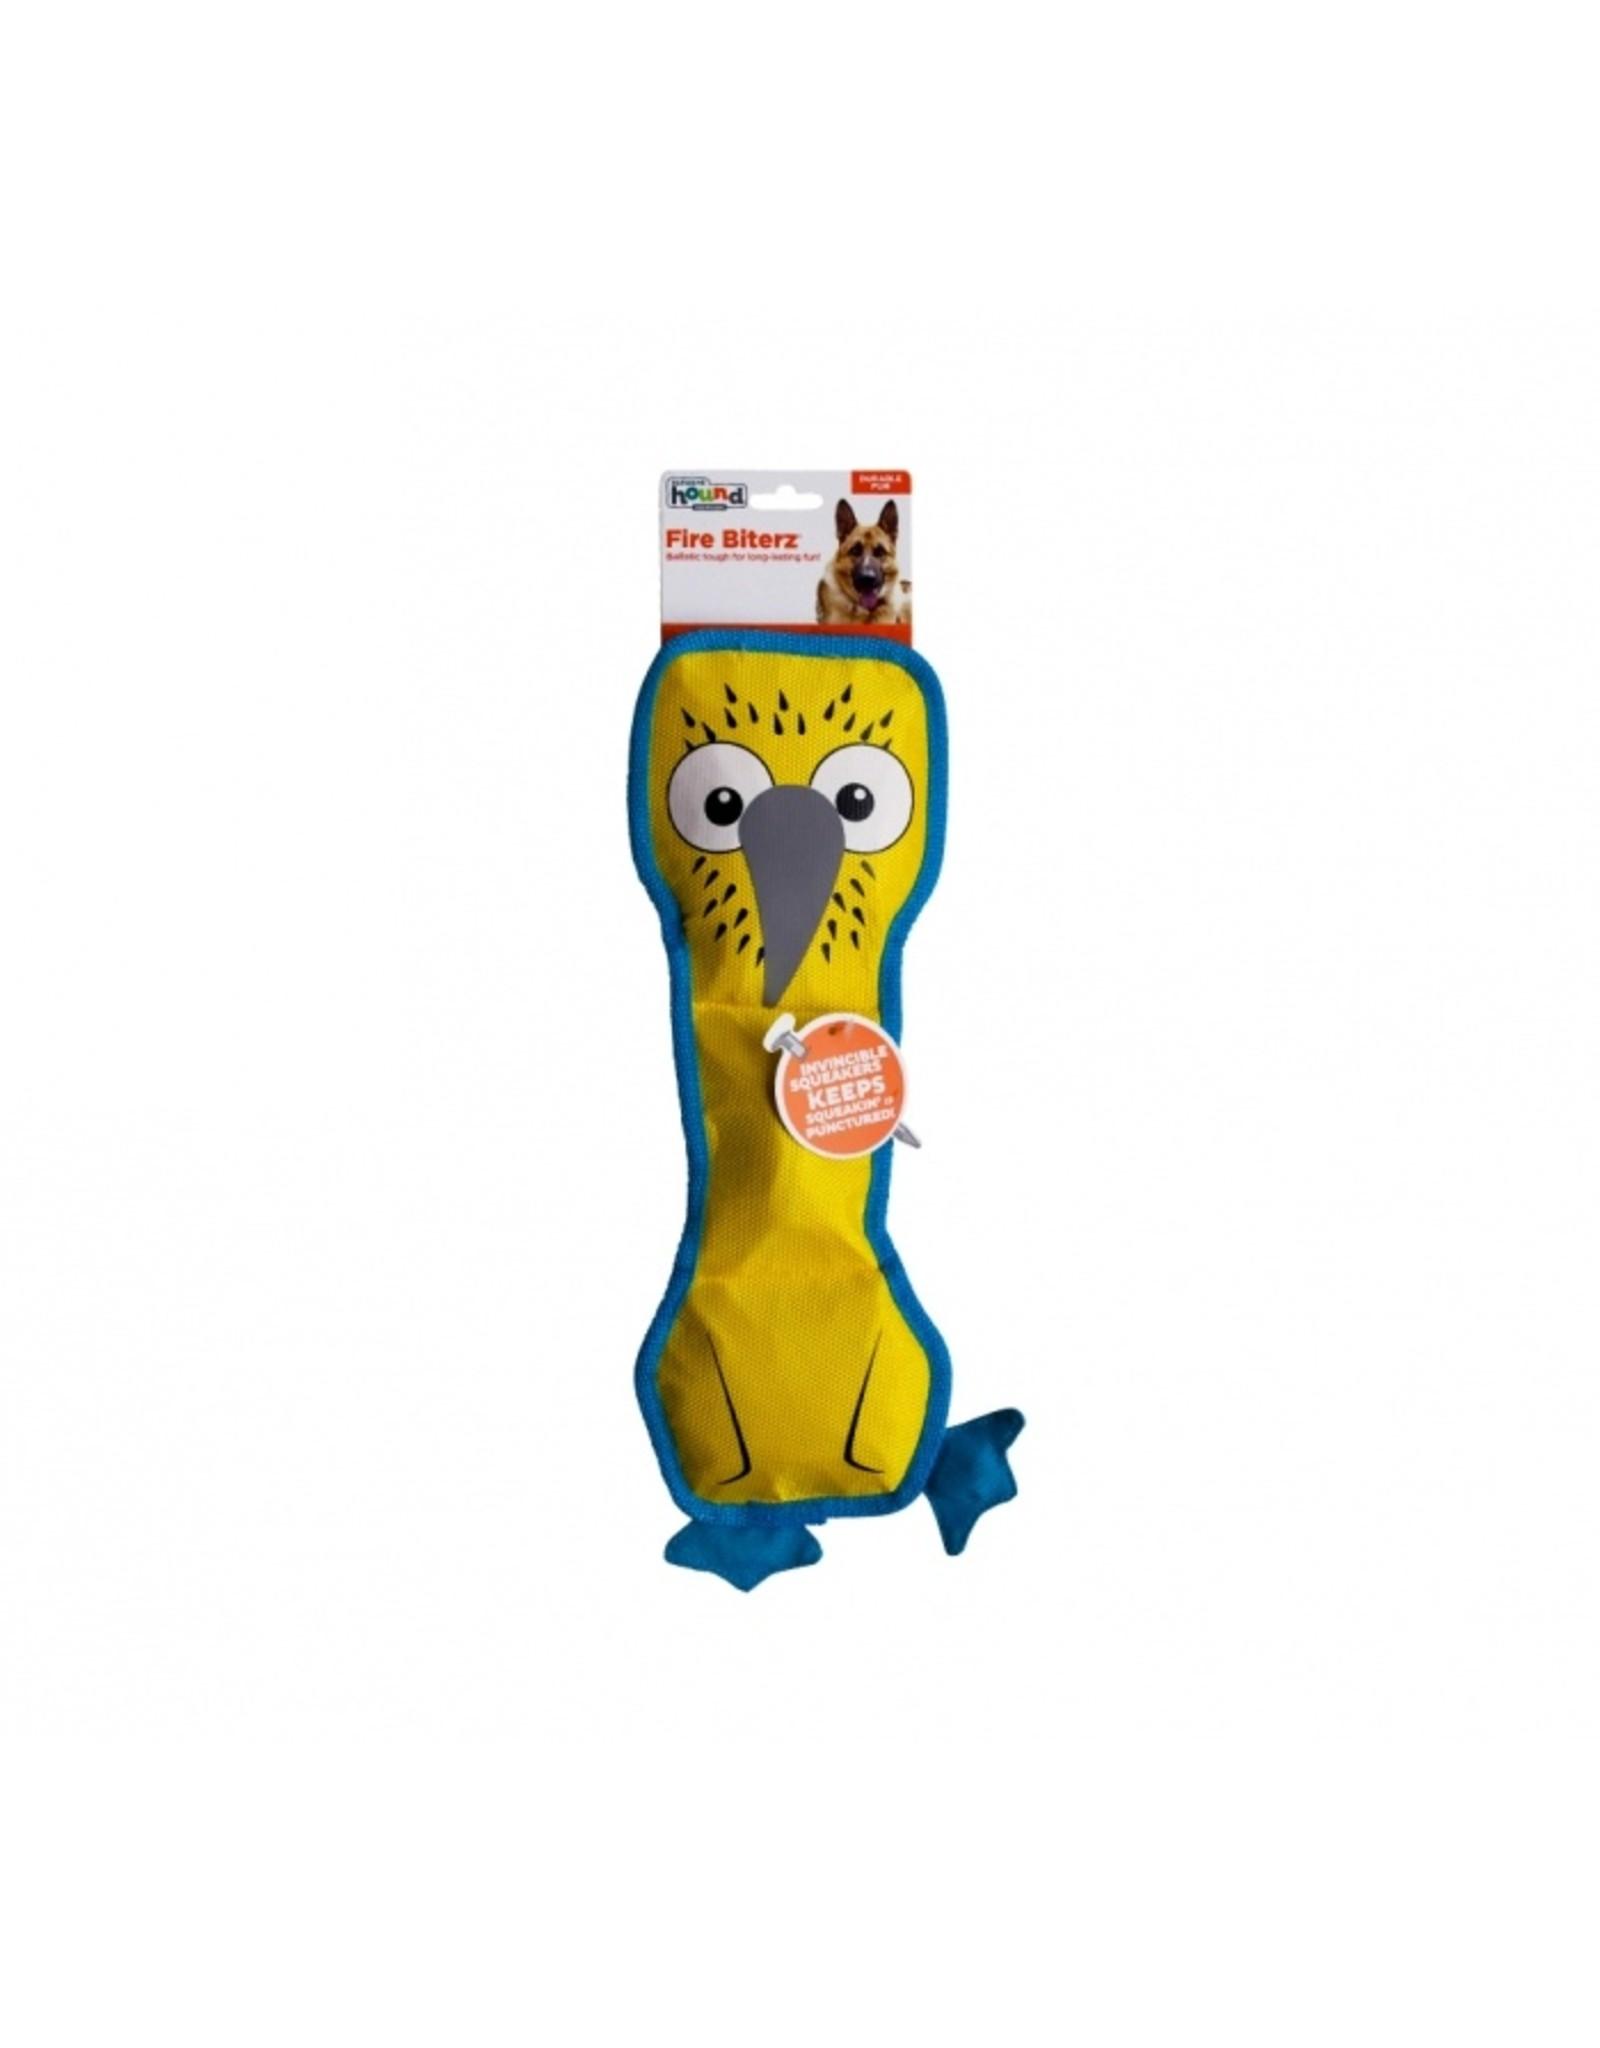 Outward Hound Outward Hound Fire Biterz Blue Footed Boobie Dog Toy